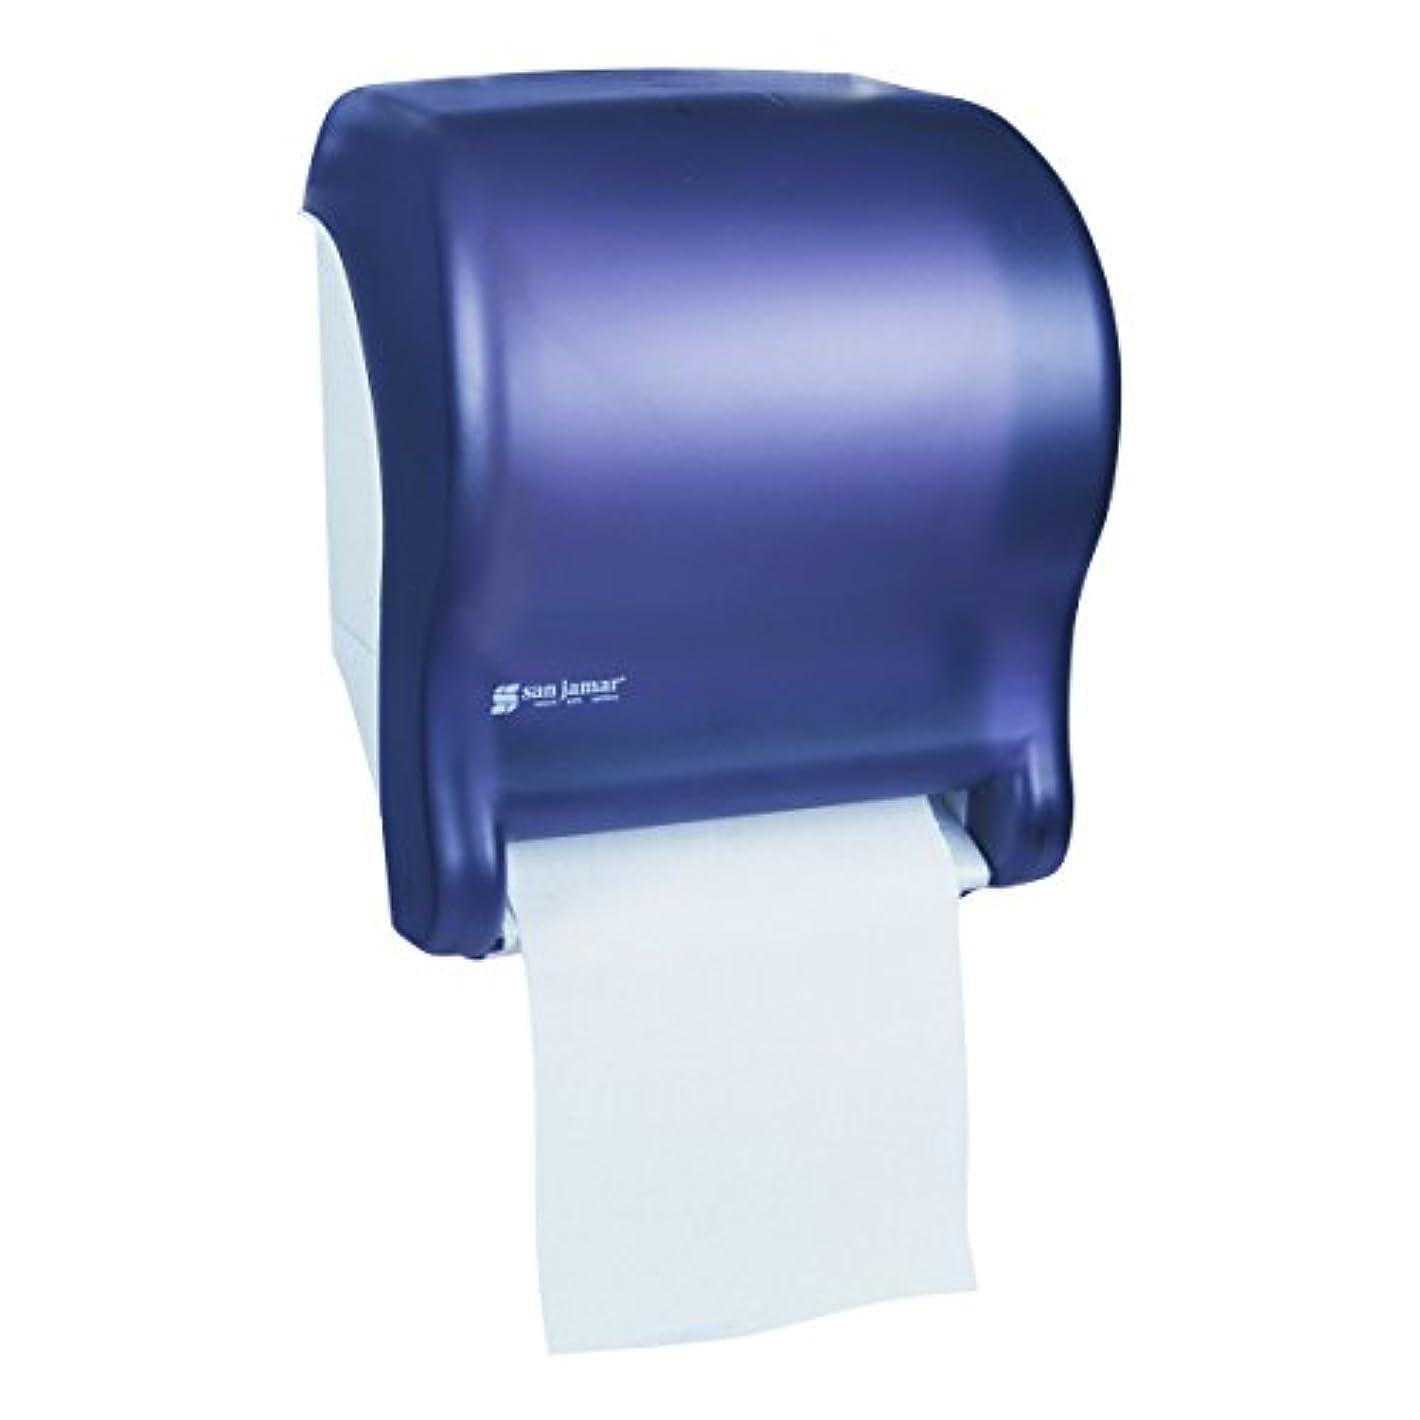 凍結トークンネックレスSan Jamar SAN T8000TBK Tnd Eco Towel Dispenser - Black Pearl